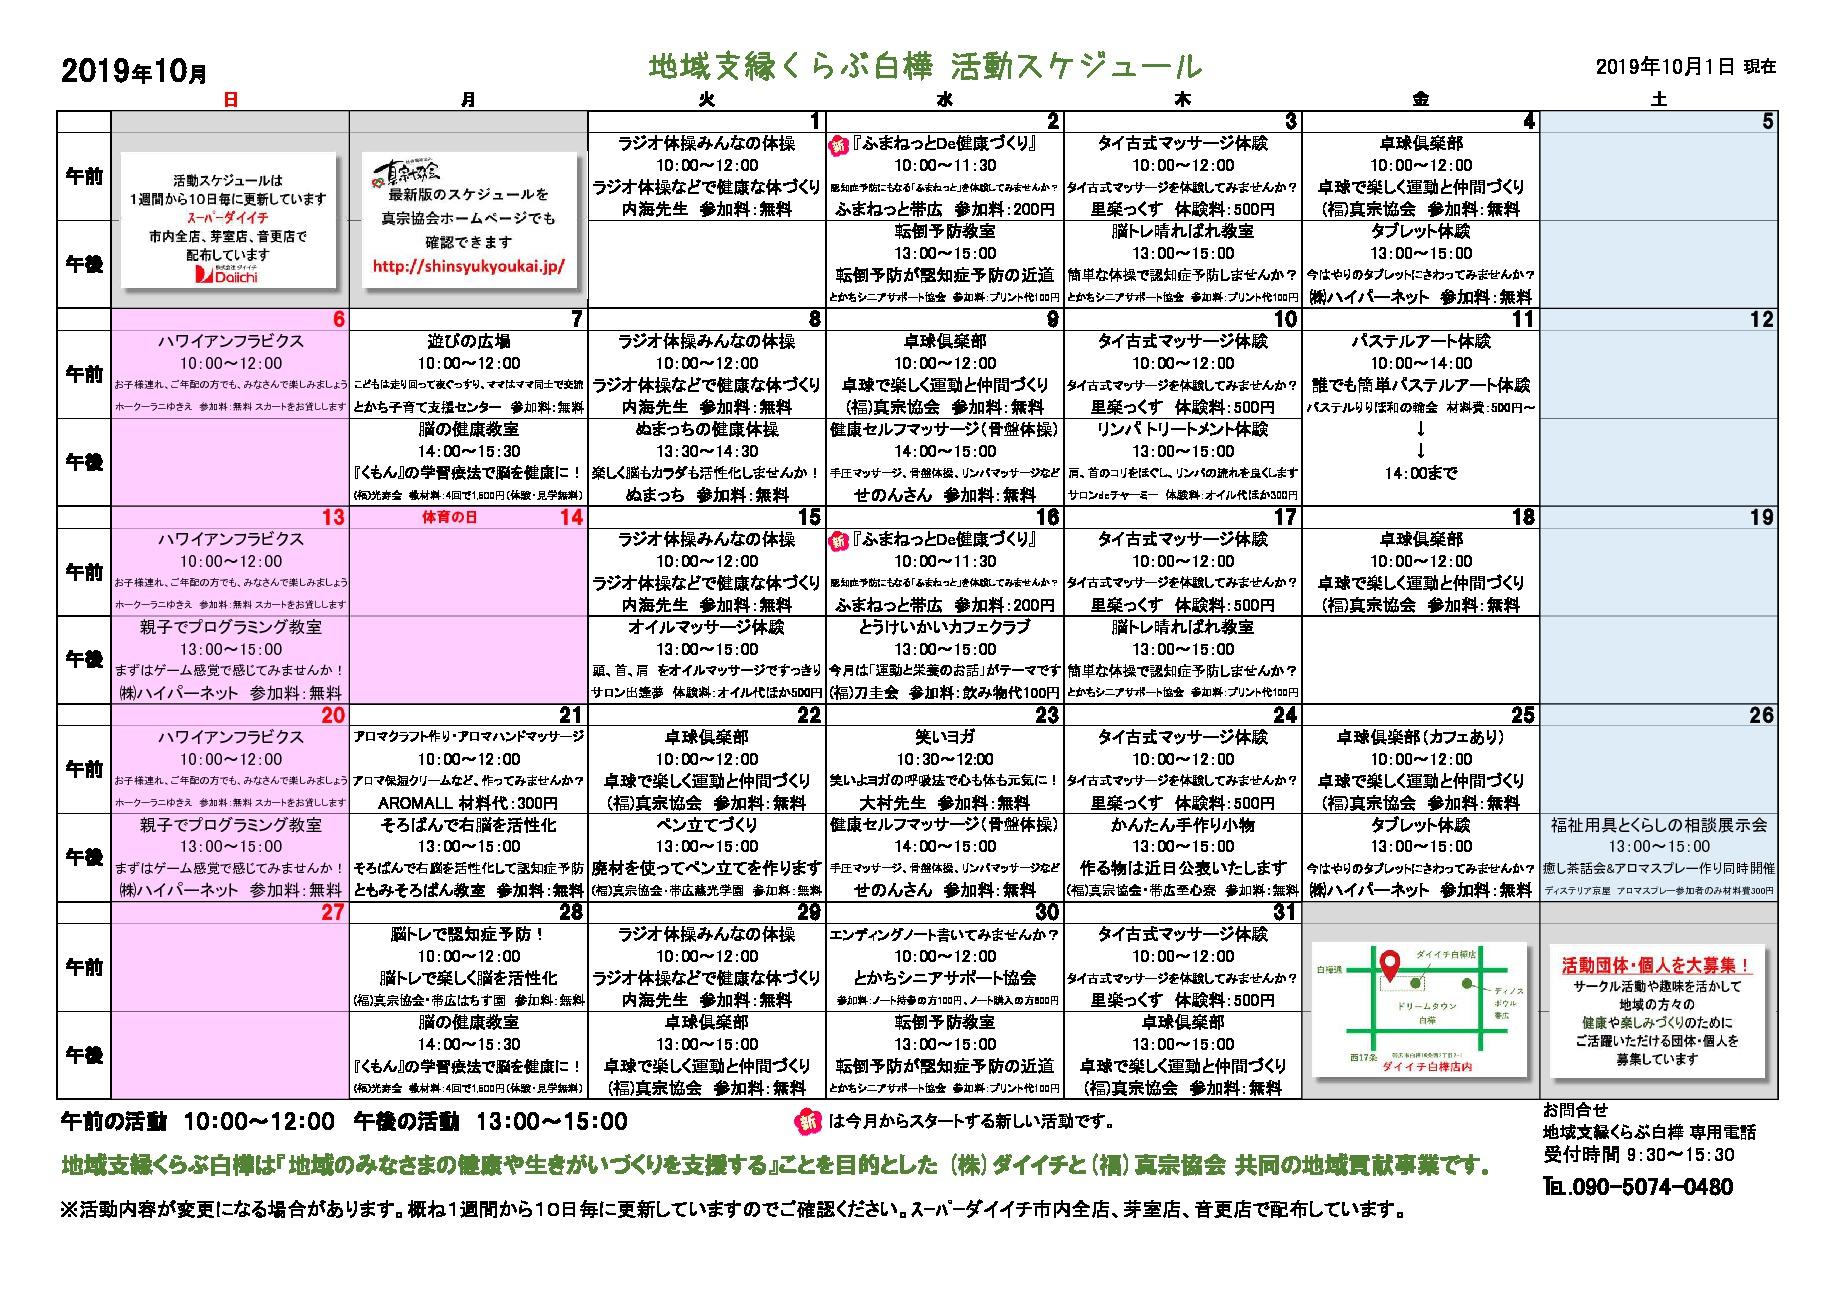 2019活動スケジュール10(2019.10.1付)のサムネイル